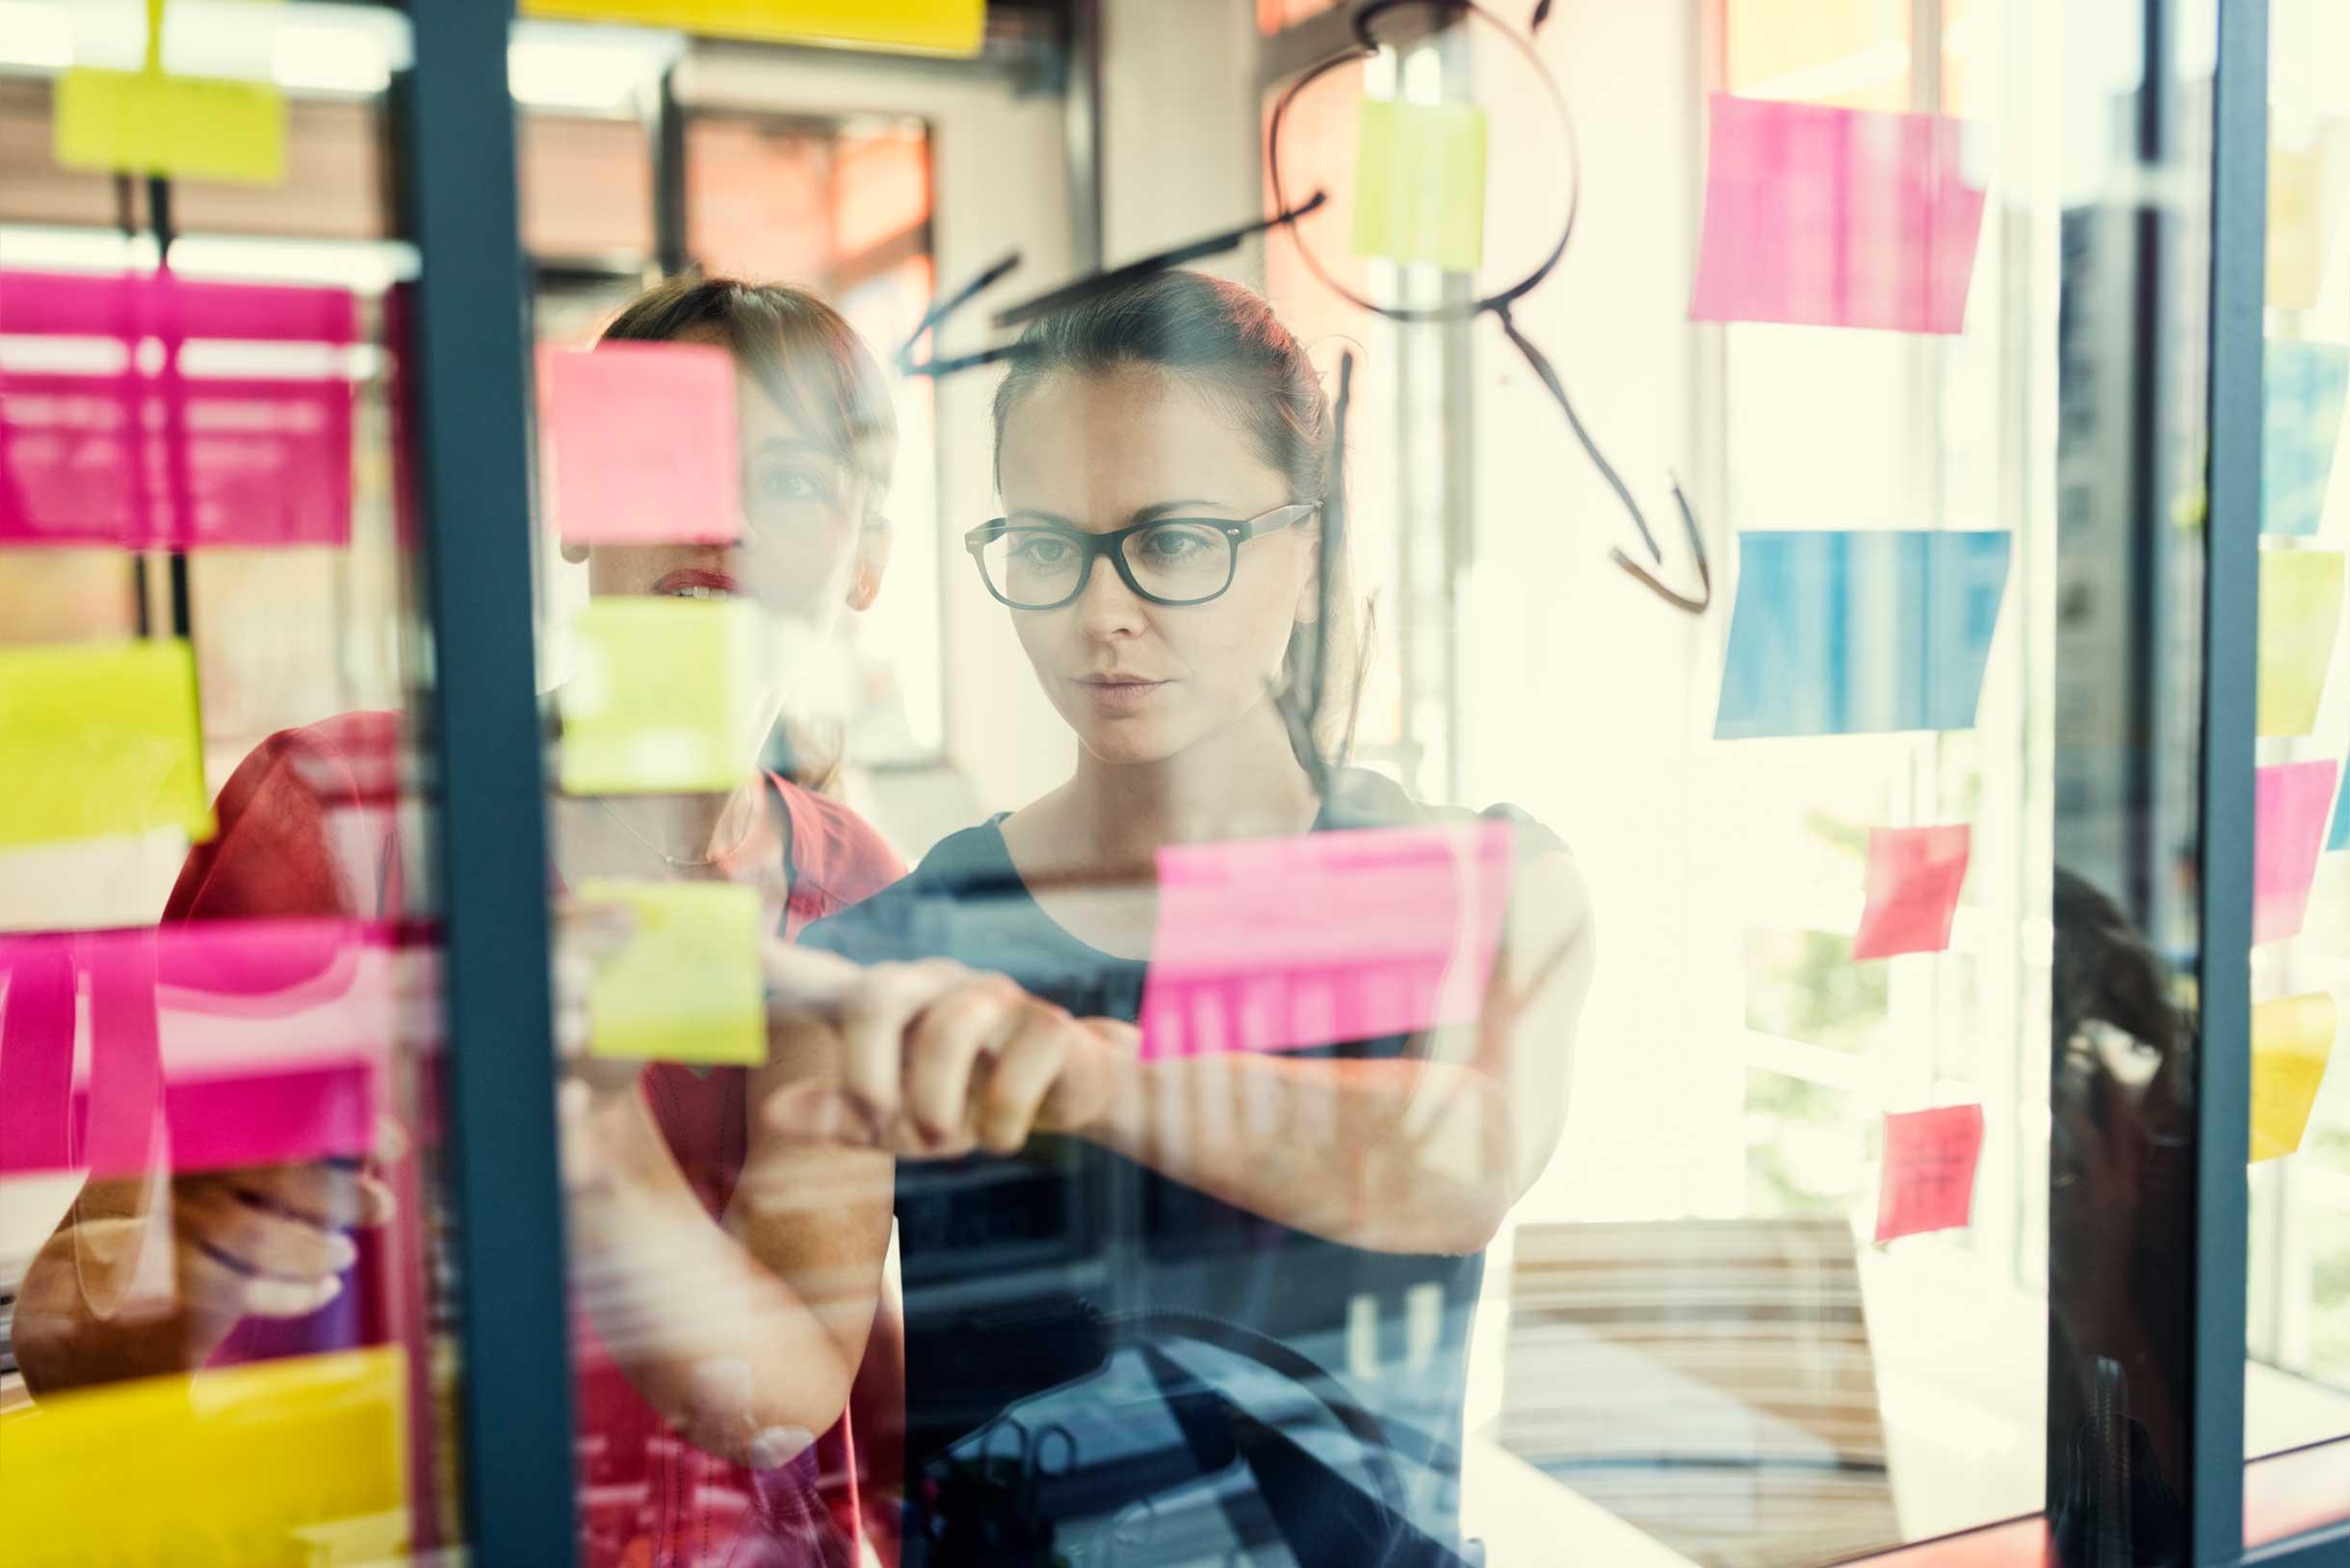 Junge Frau klebt Post it´s auf eine Glasfläche im Rahmen eines Markenworkshops